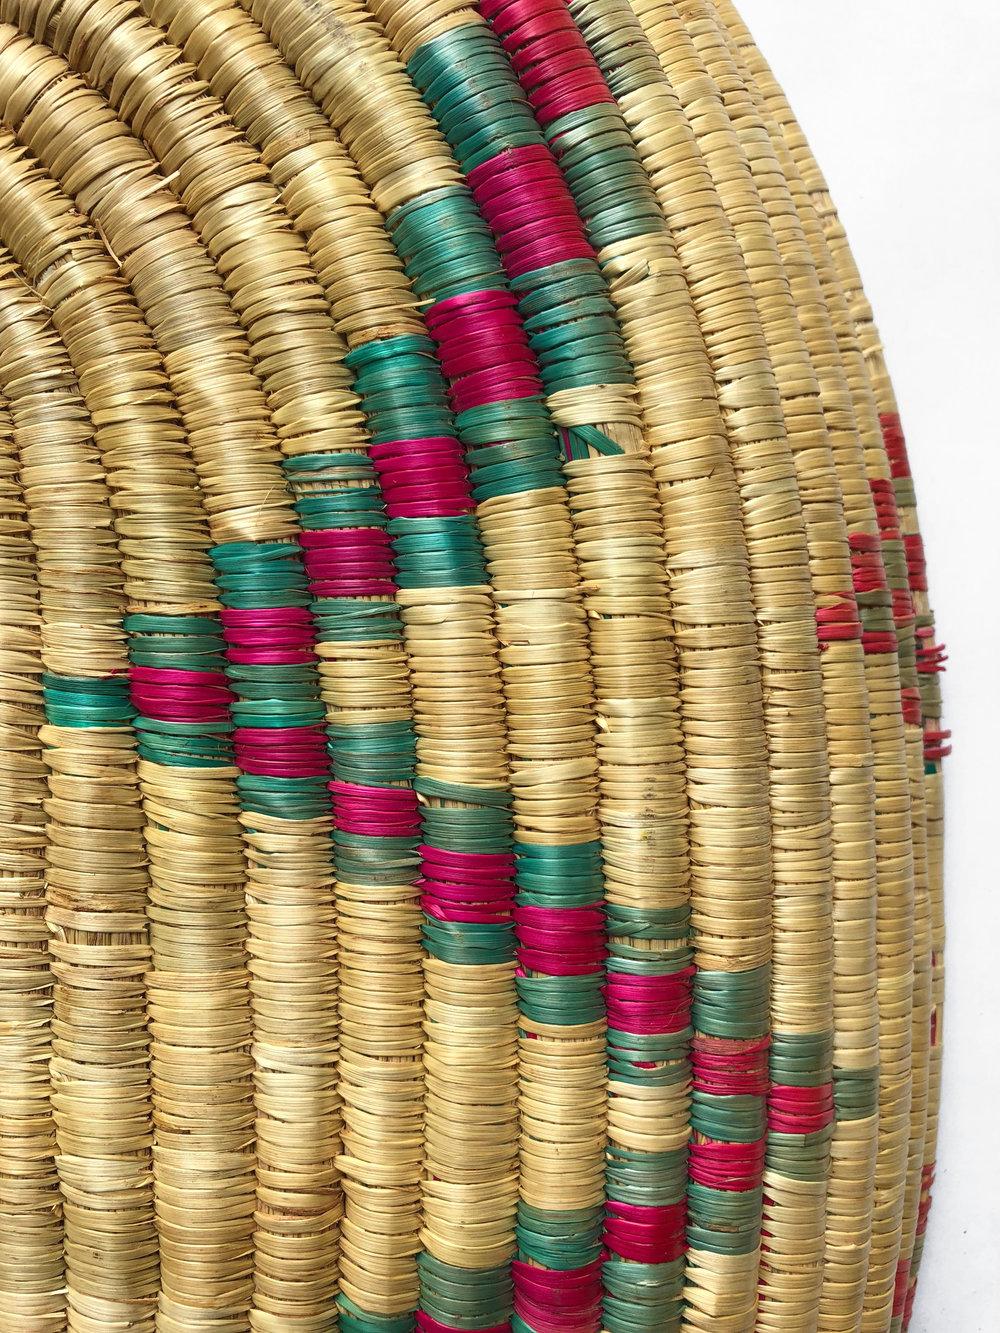 Large Basket Underside.jpg